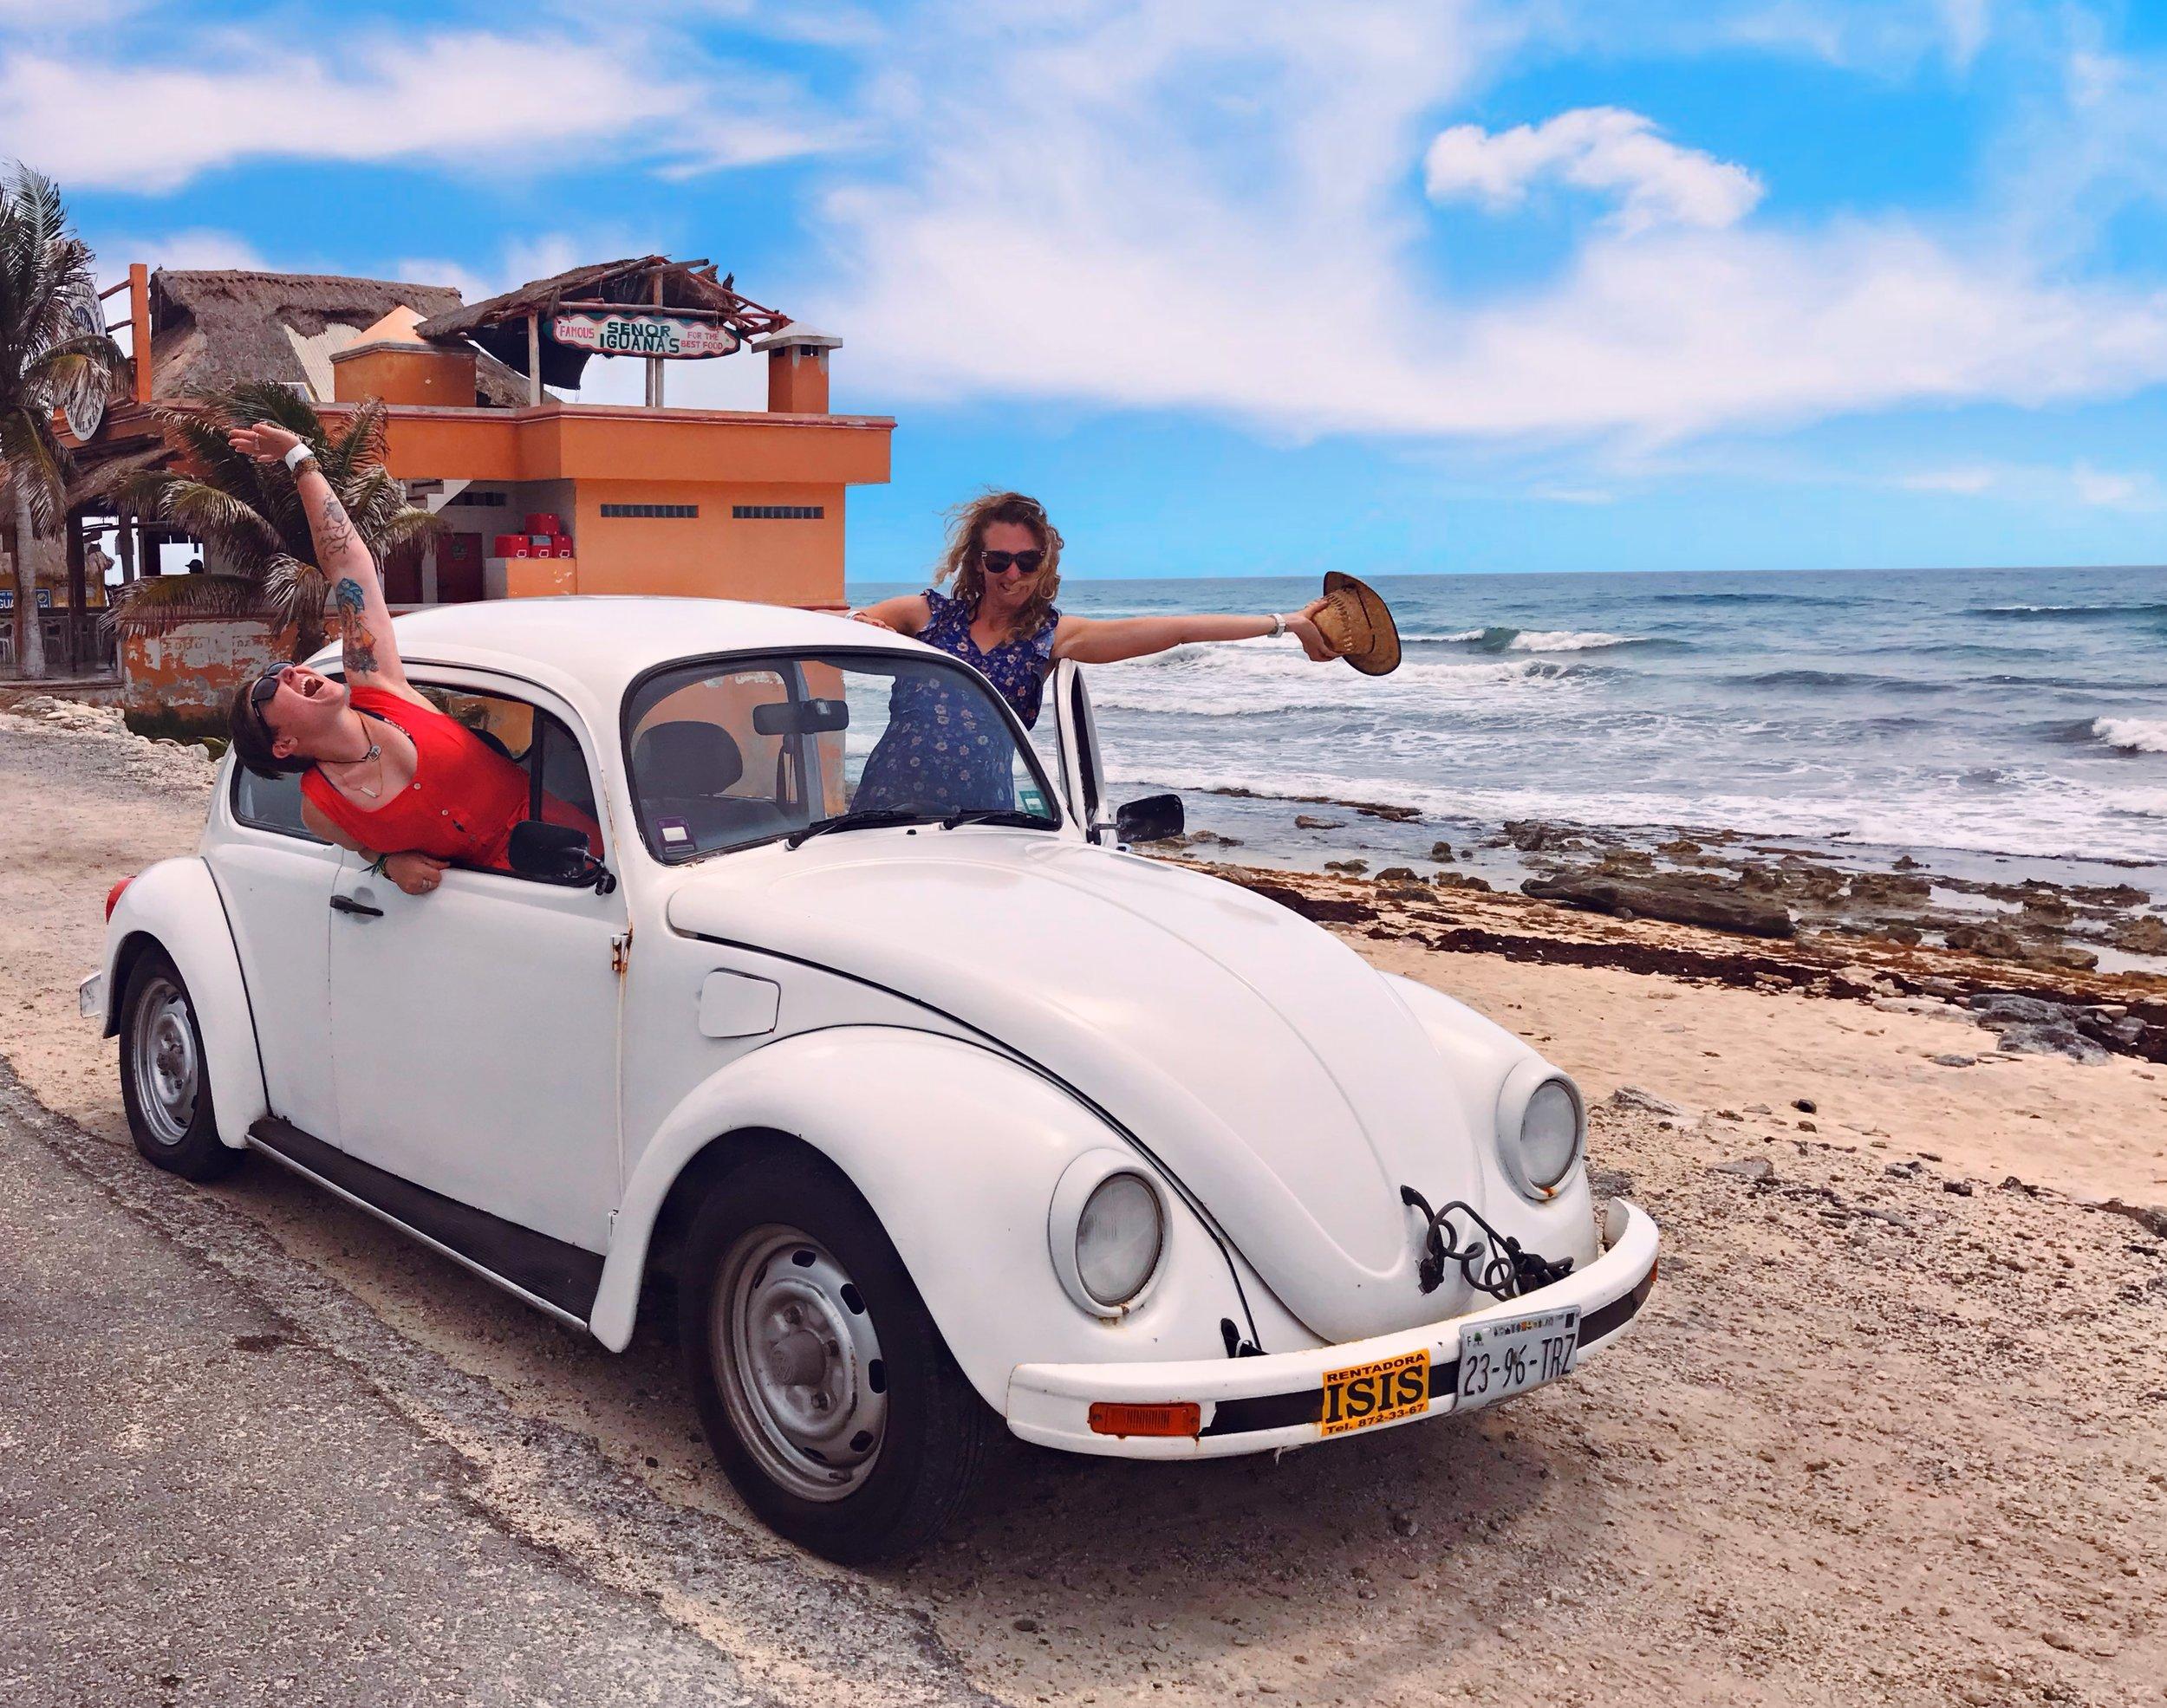 Road Trip in Cozmuel, Mexico